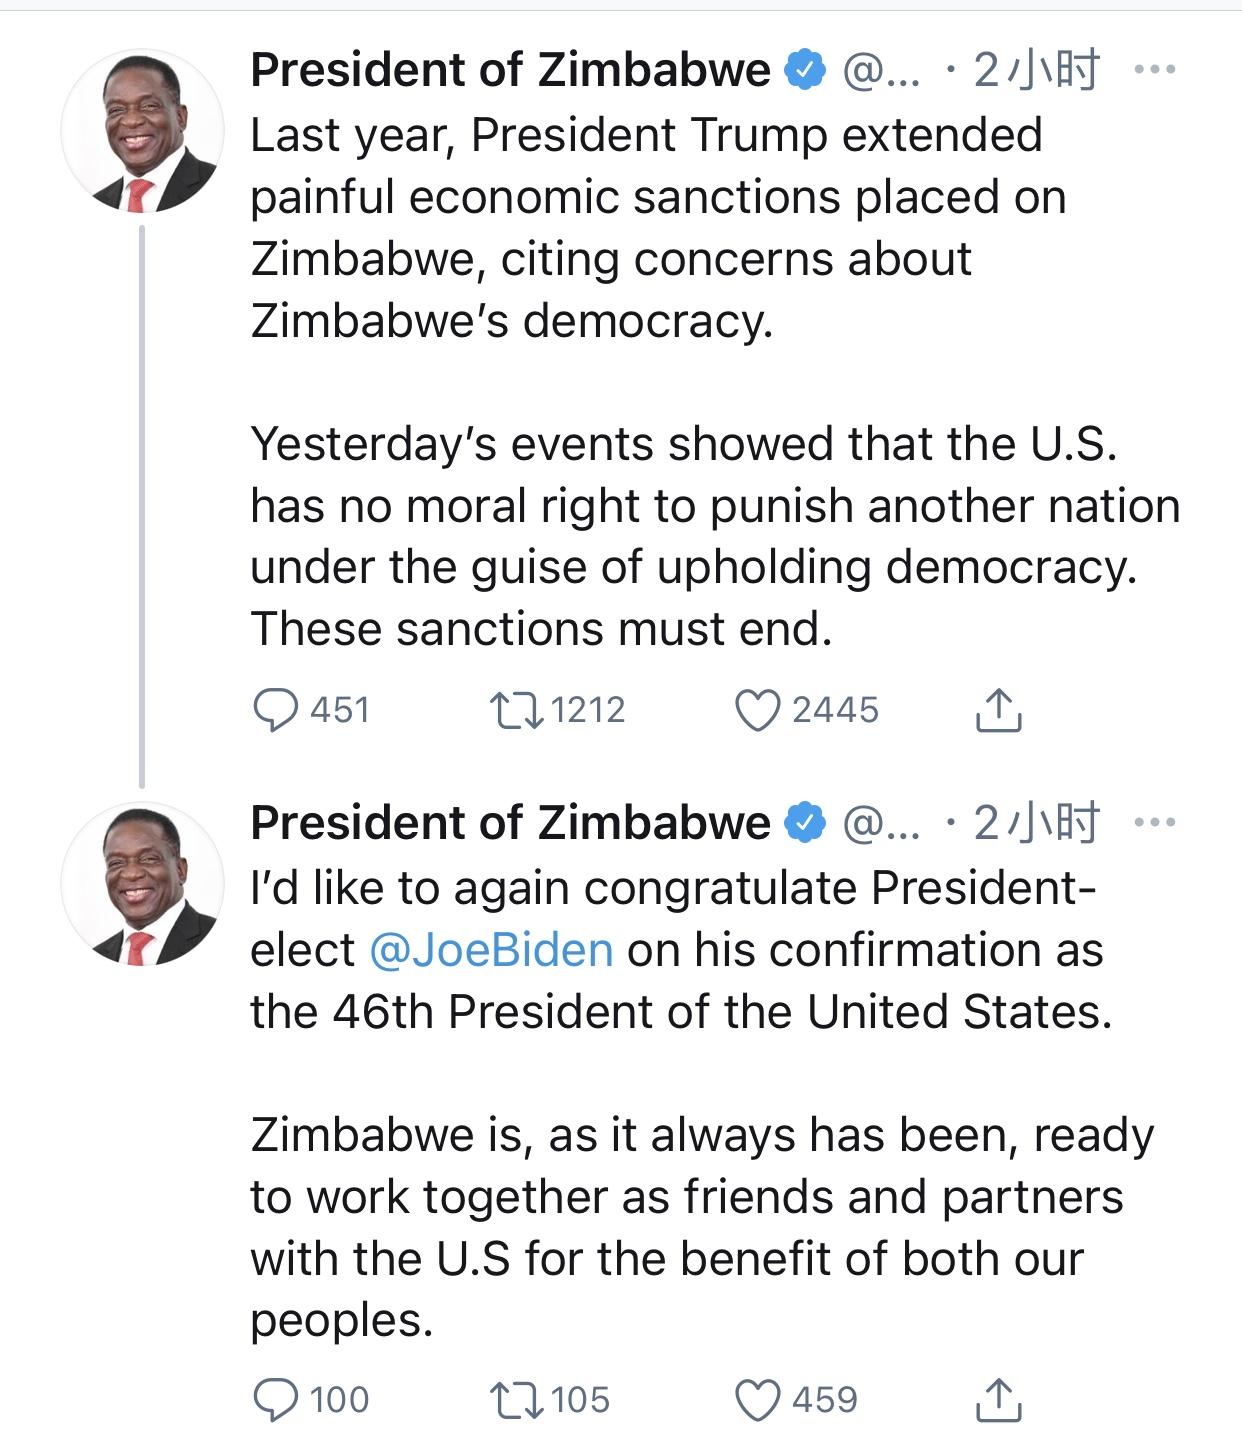 津巴布韦总统:美国丧失了道德权利 这些制裁必须结束